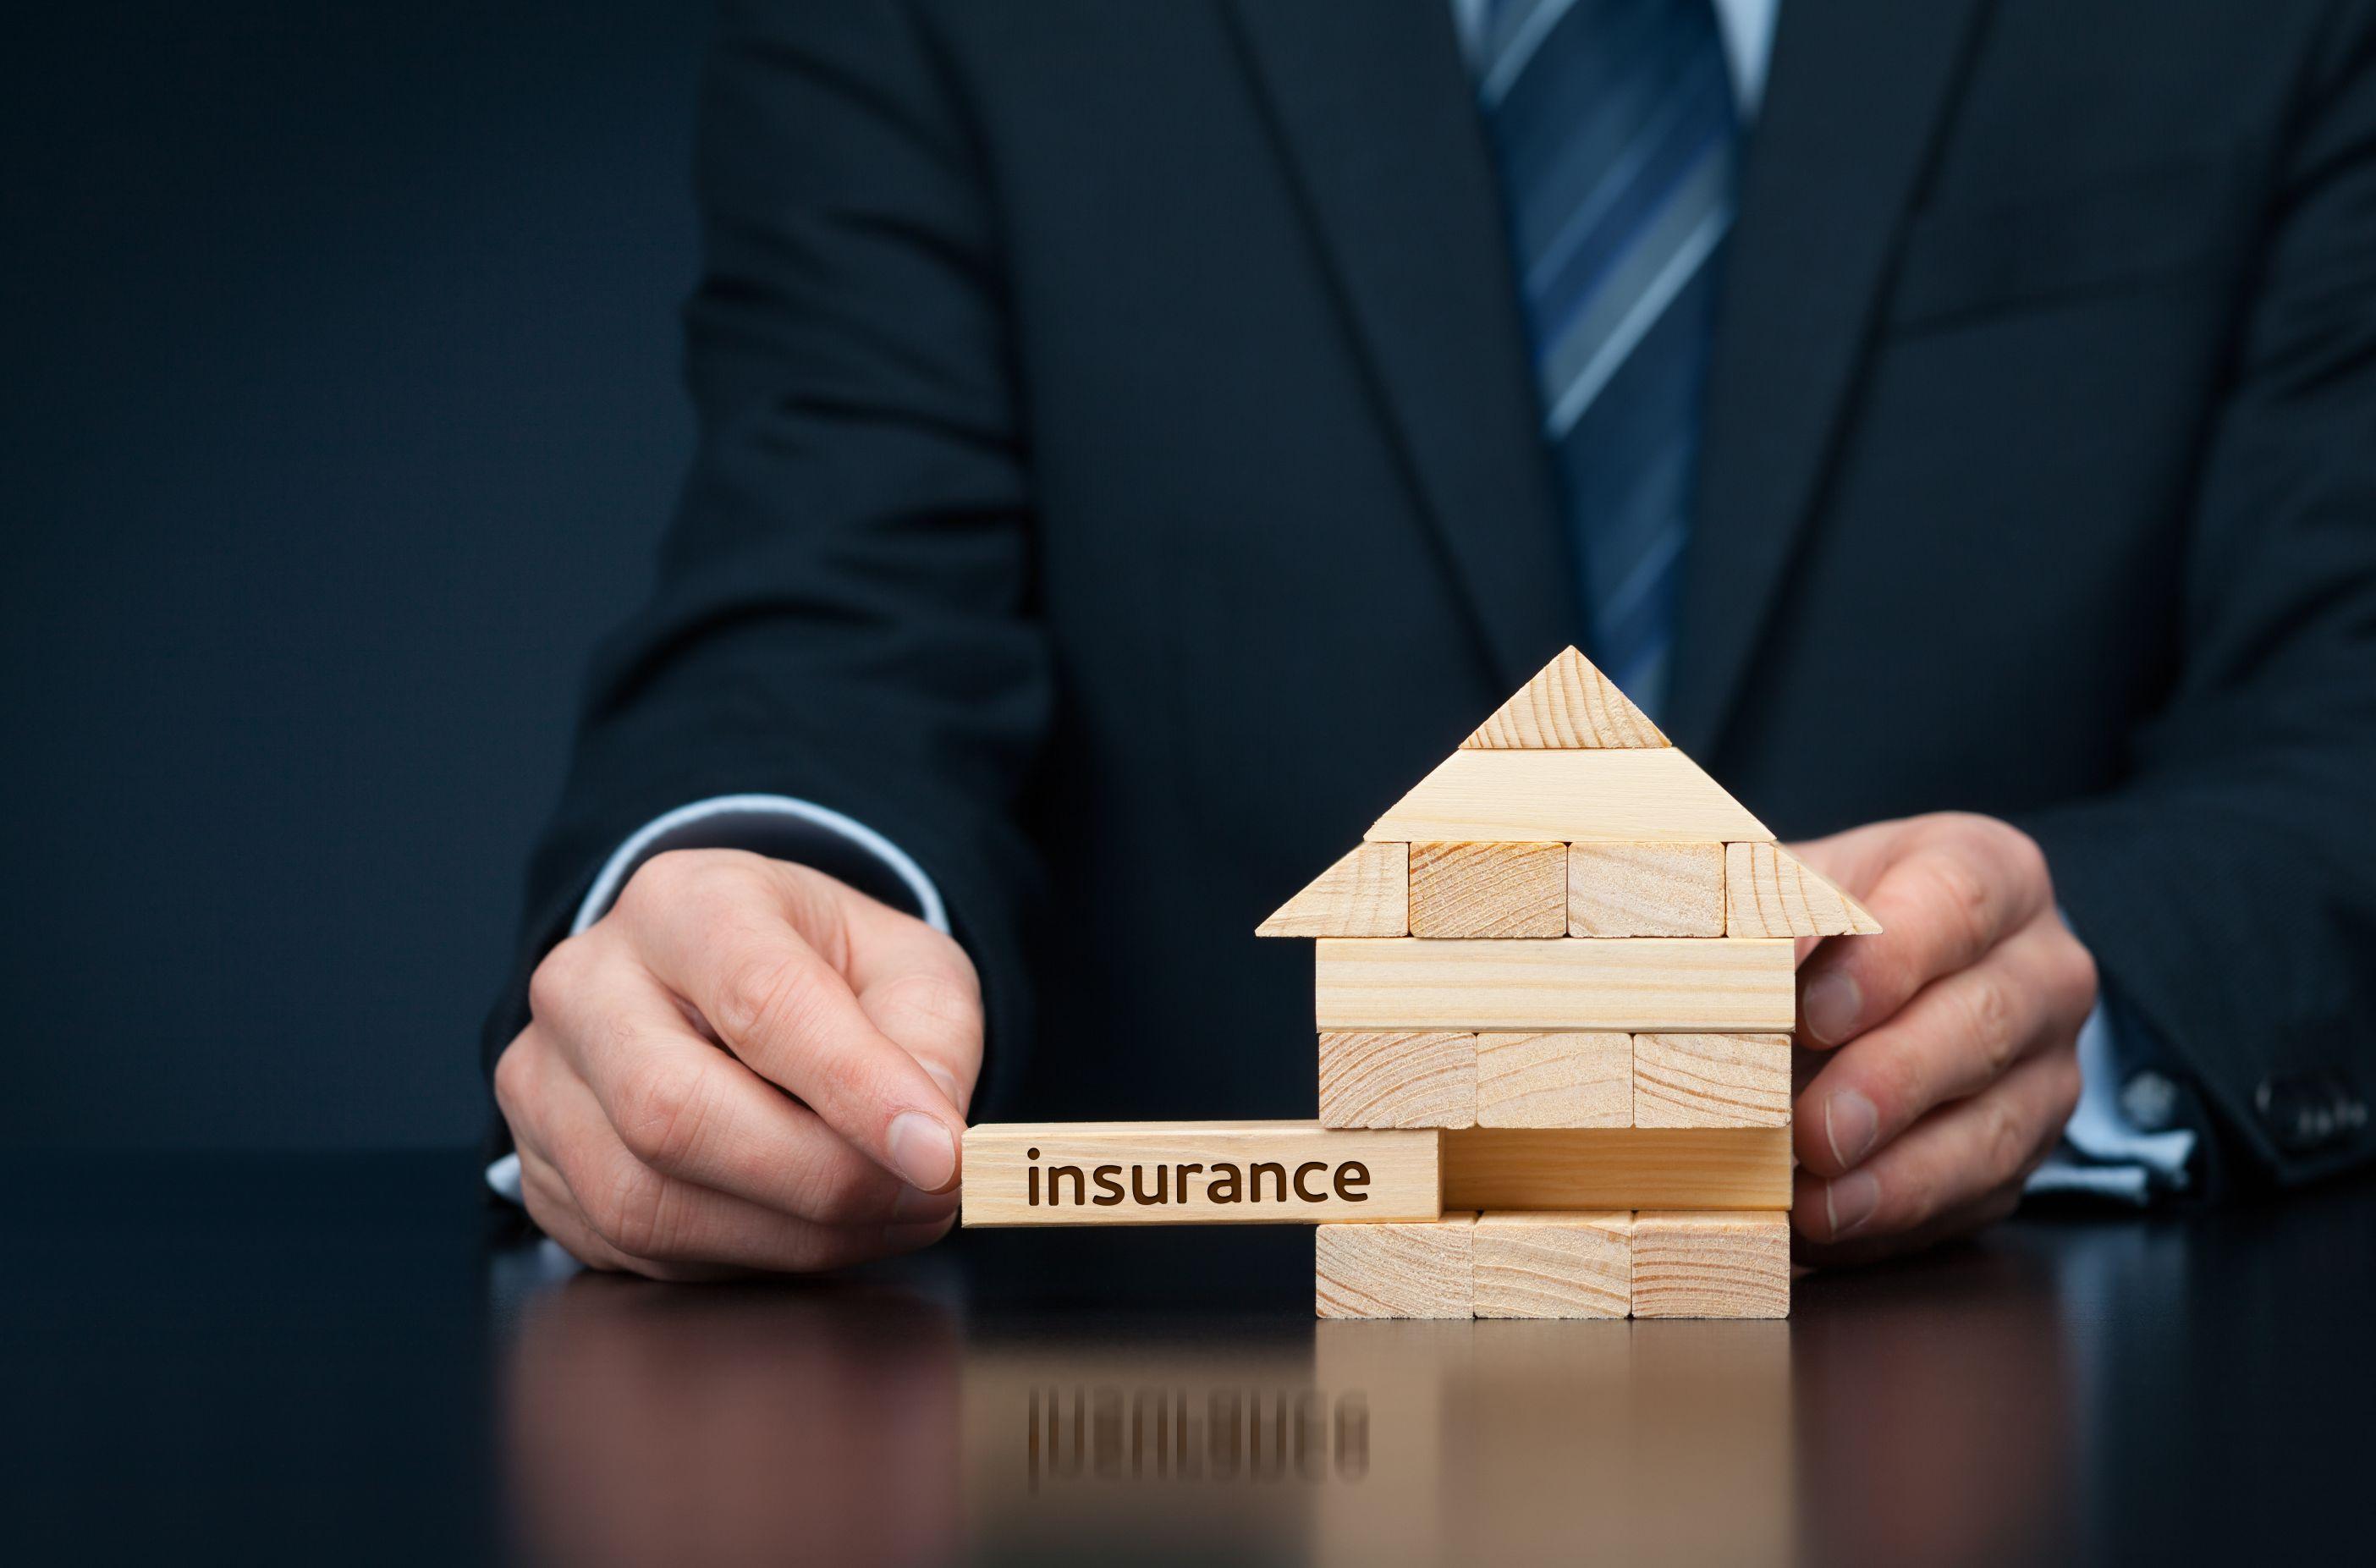 Insurance - Property